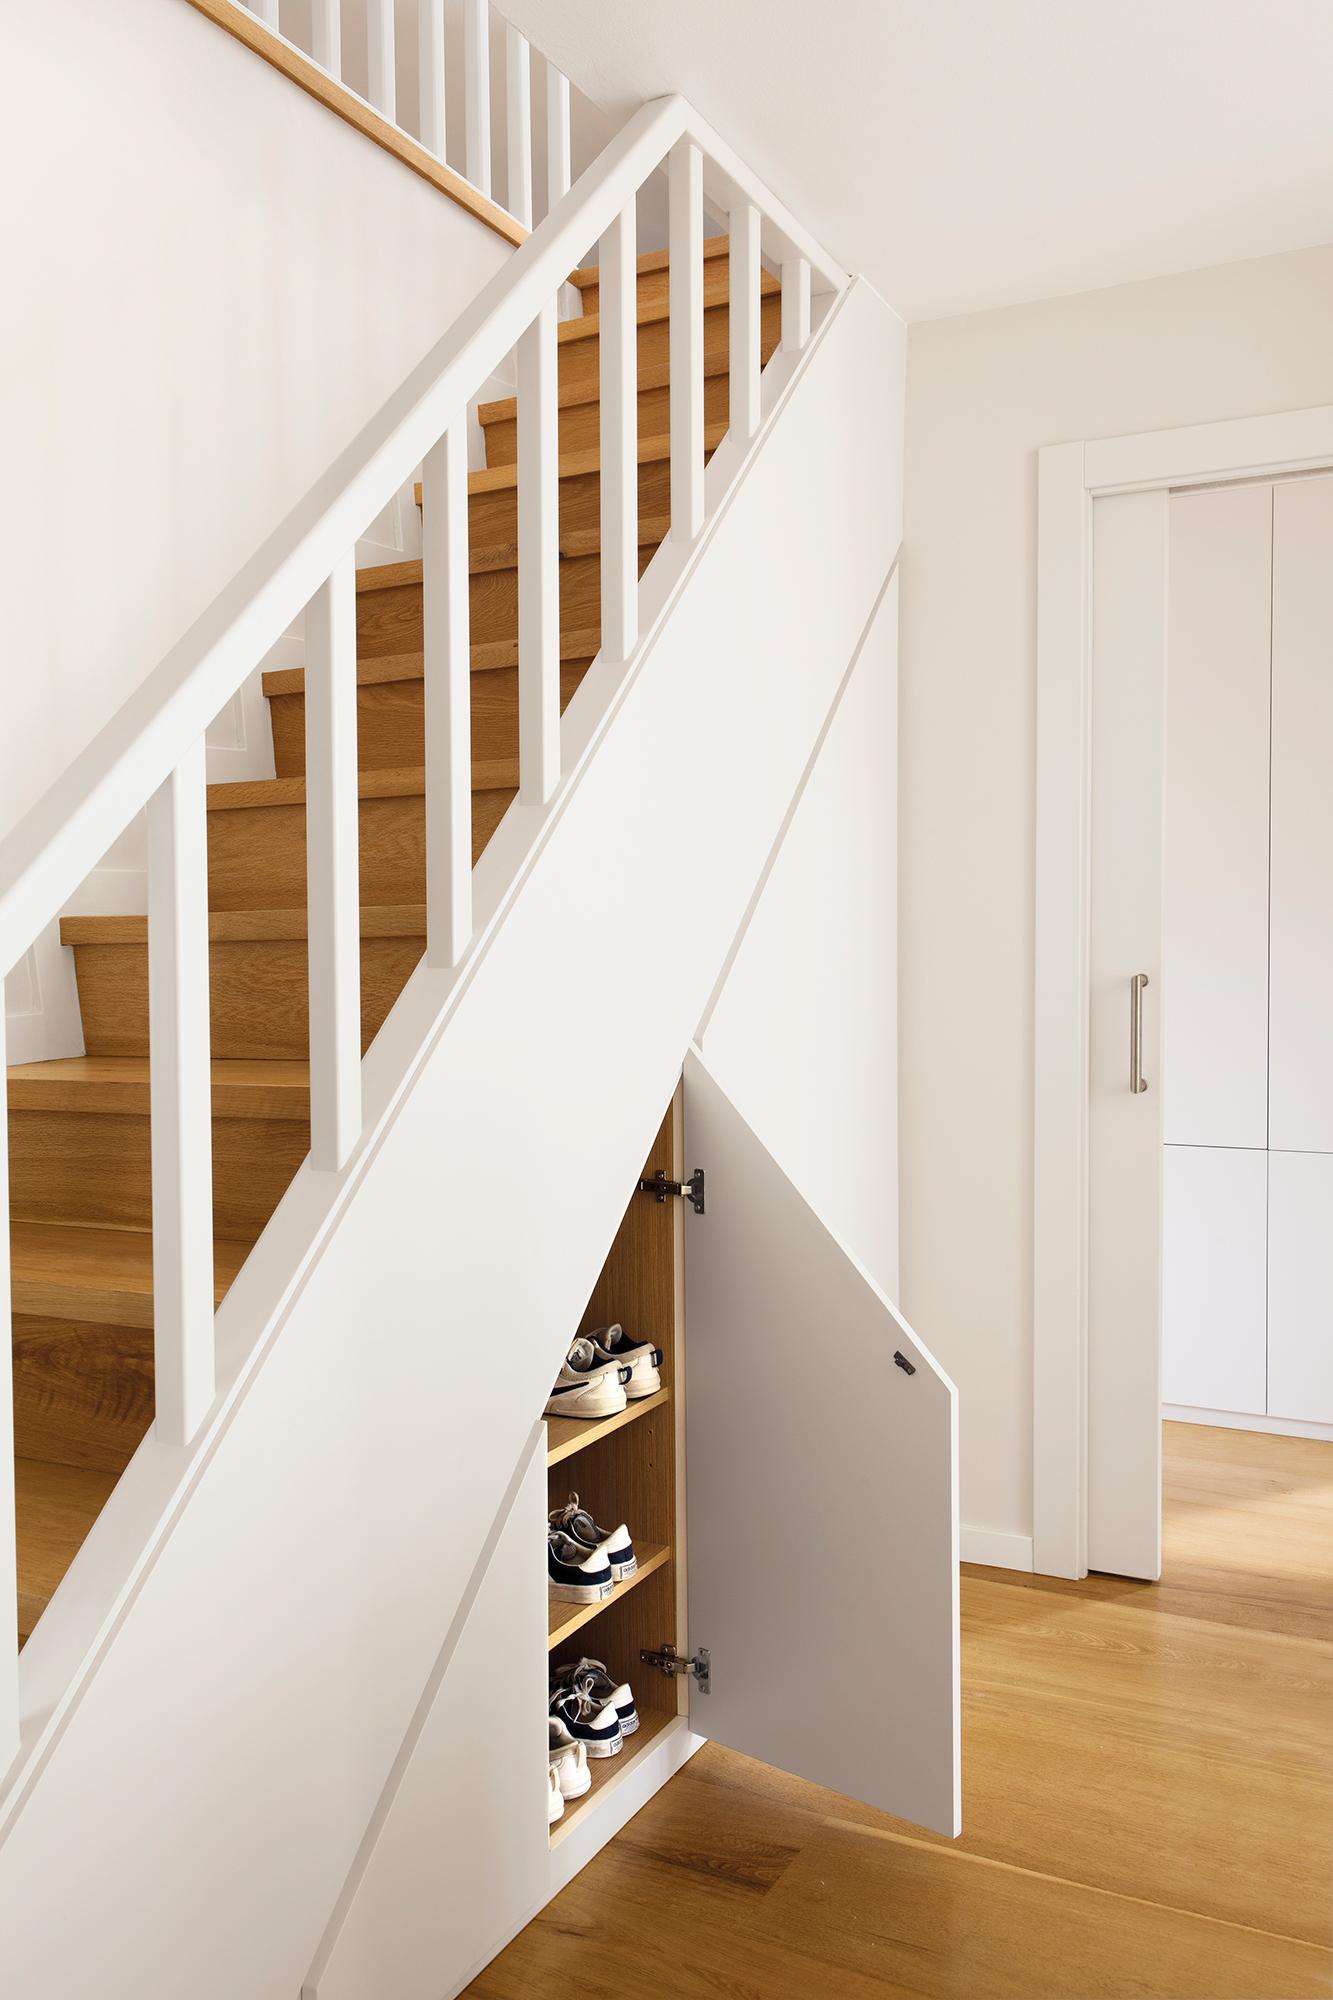 Escaleras c mo planificarlas con acierto for Huecos de escaleras modernos